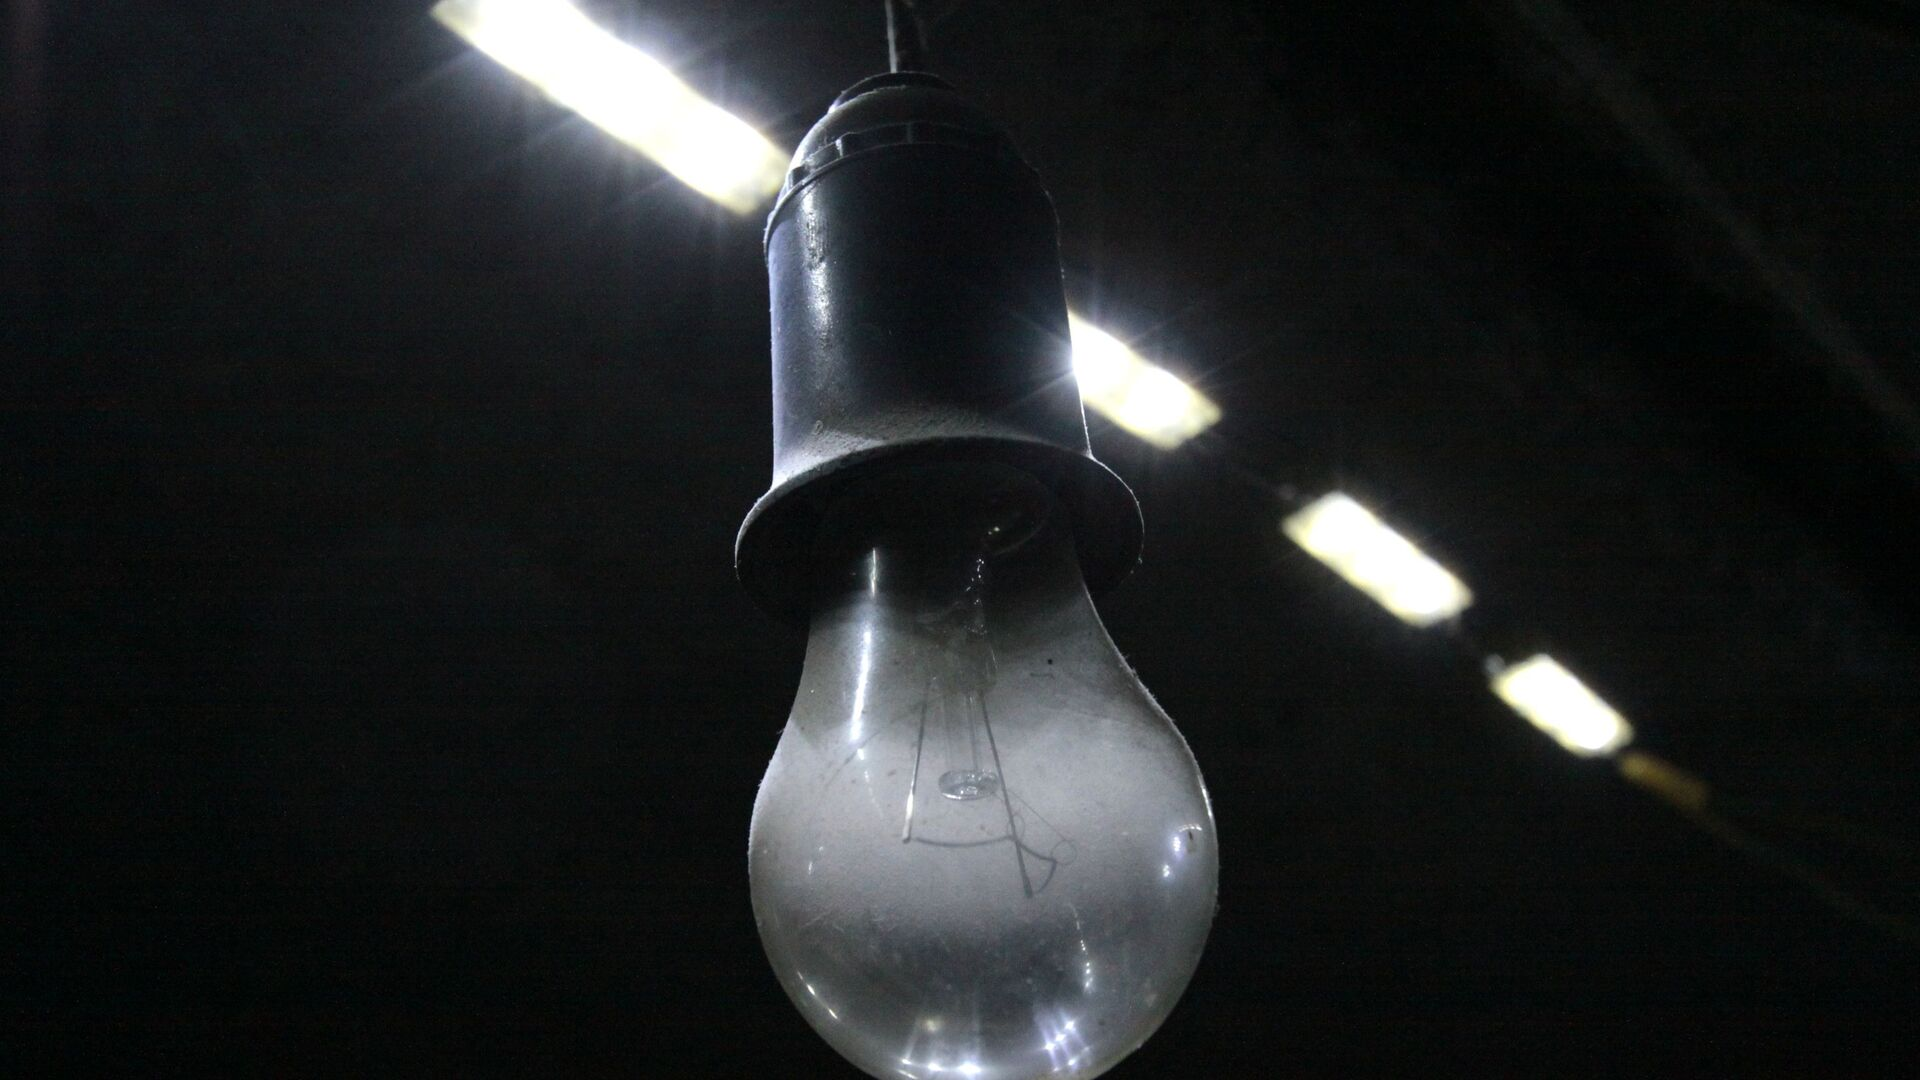 Лампочка в подвале, архивное фото - Sputnik Тоҷикистон, 1920, 13.10.2021